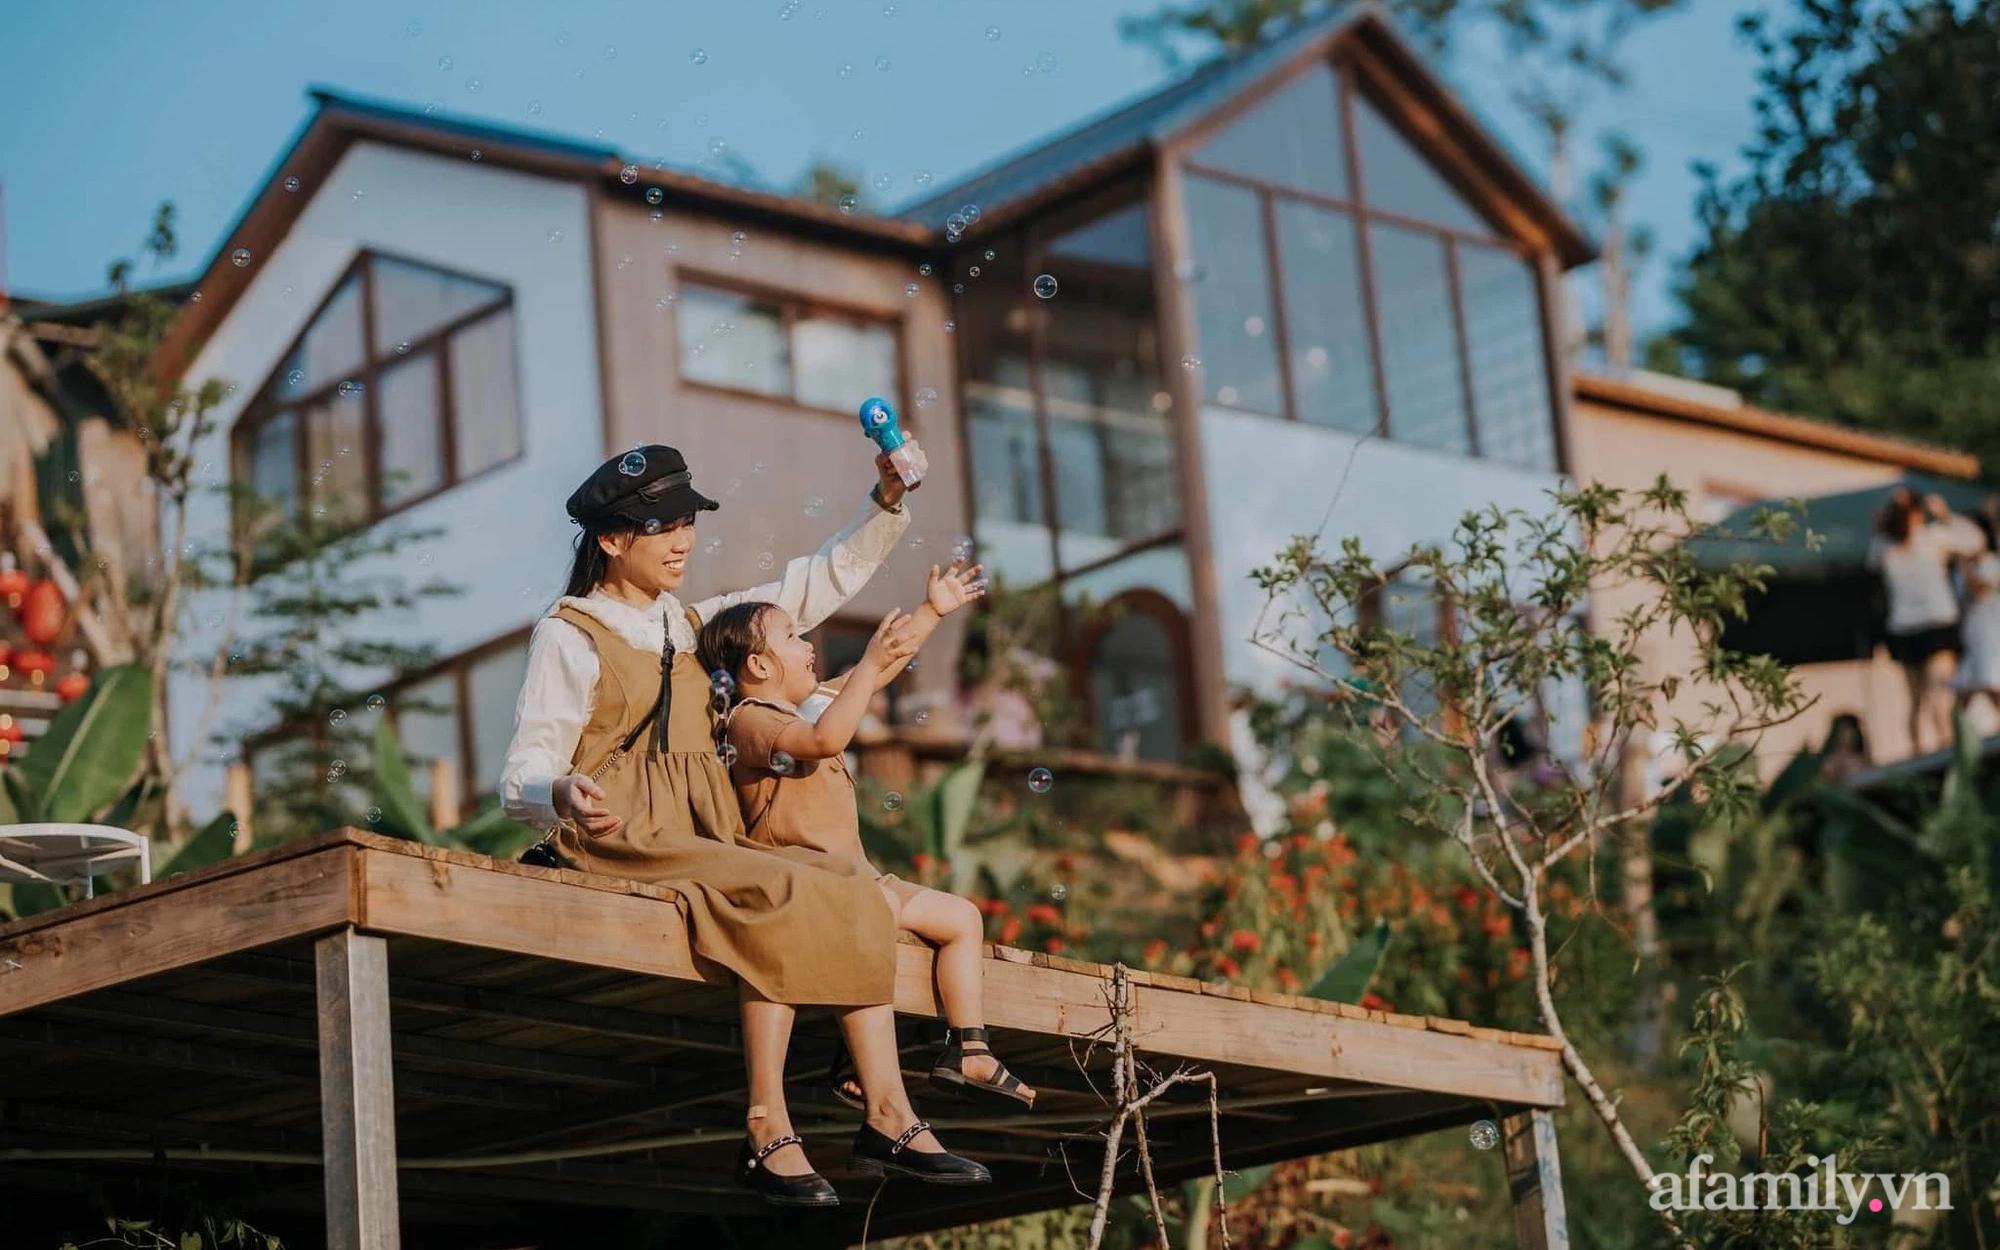 Bỏ phố về quê, cô gái 24 tuổi thực hiện giấc mơ với căn nhà giữa núi rừng Việt Bắc